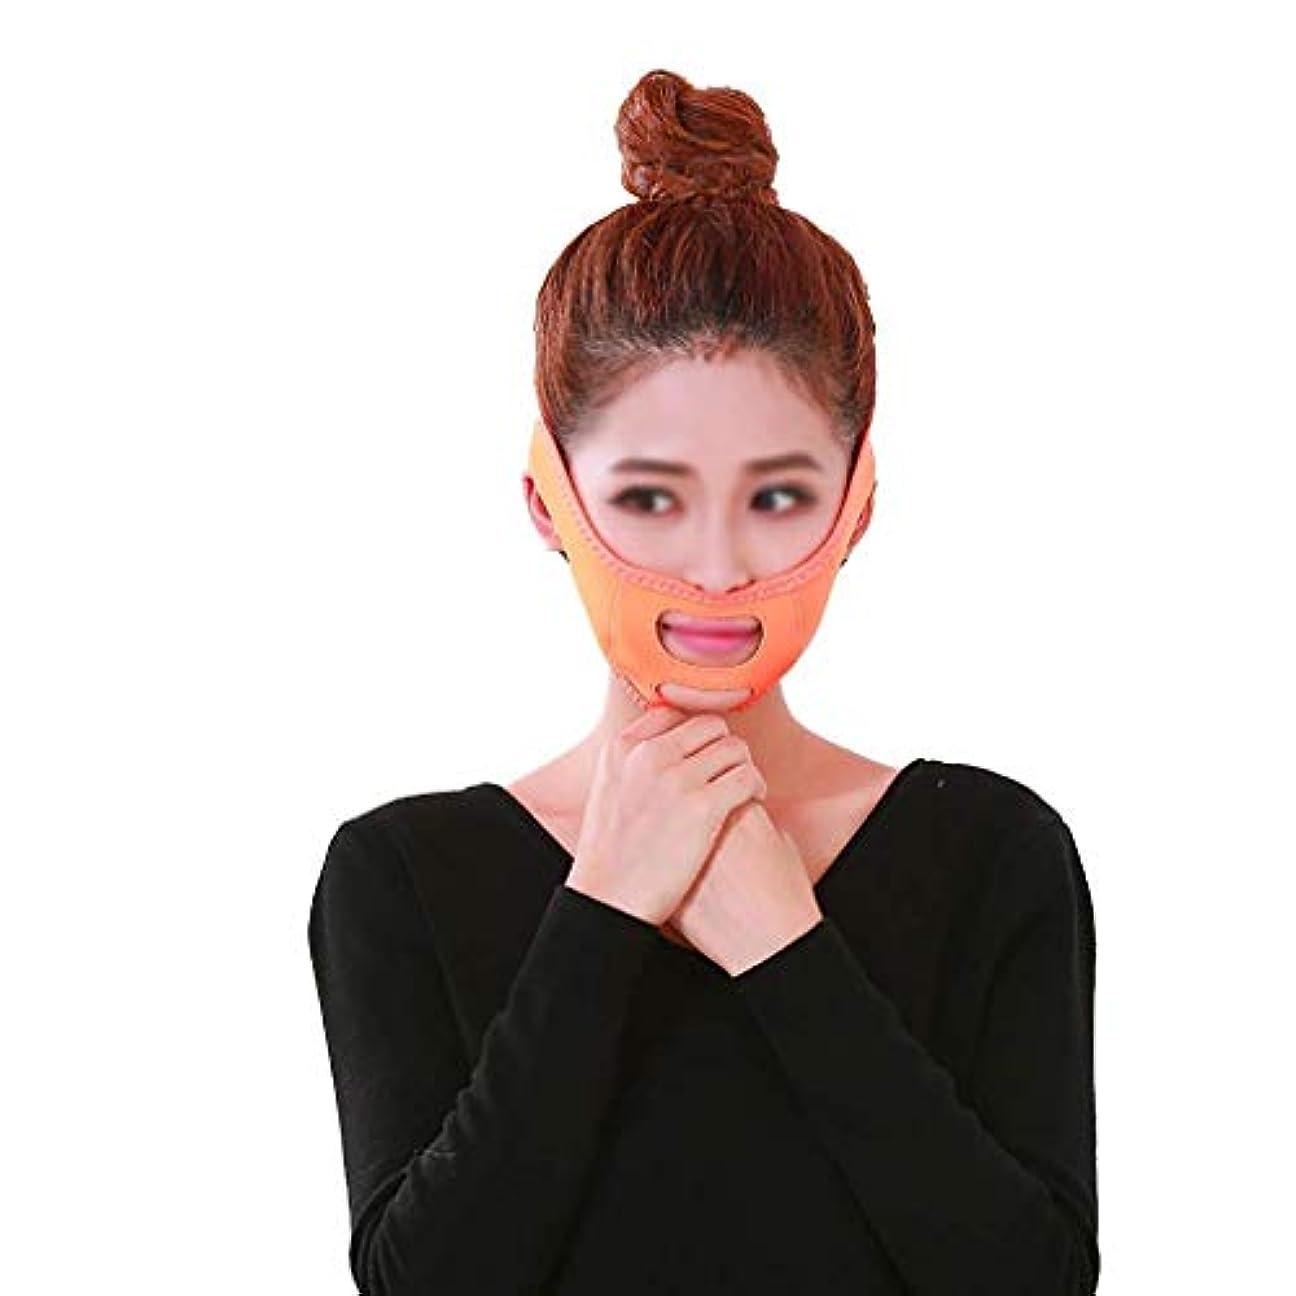 違反する包括的オーブンフェイスリフトフェイシャル、肌のリラクゼーションを防ぐタイトなVフェイスマスクVフェイスアーティファクトフェイスリフトバンデージフェイスケア(色:オレンジ)